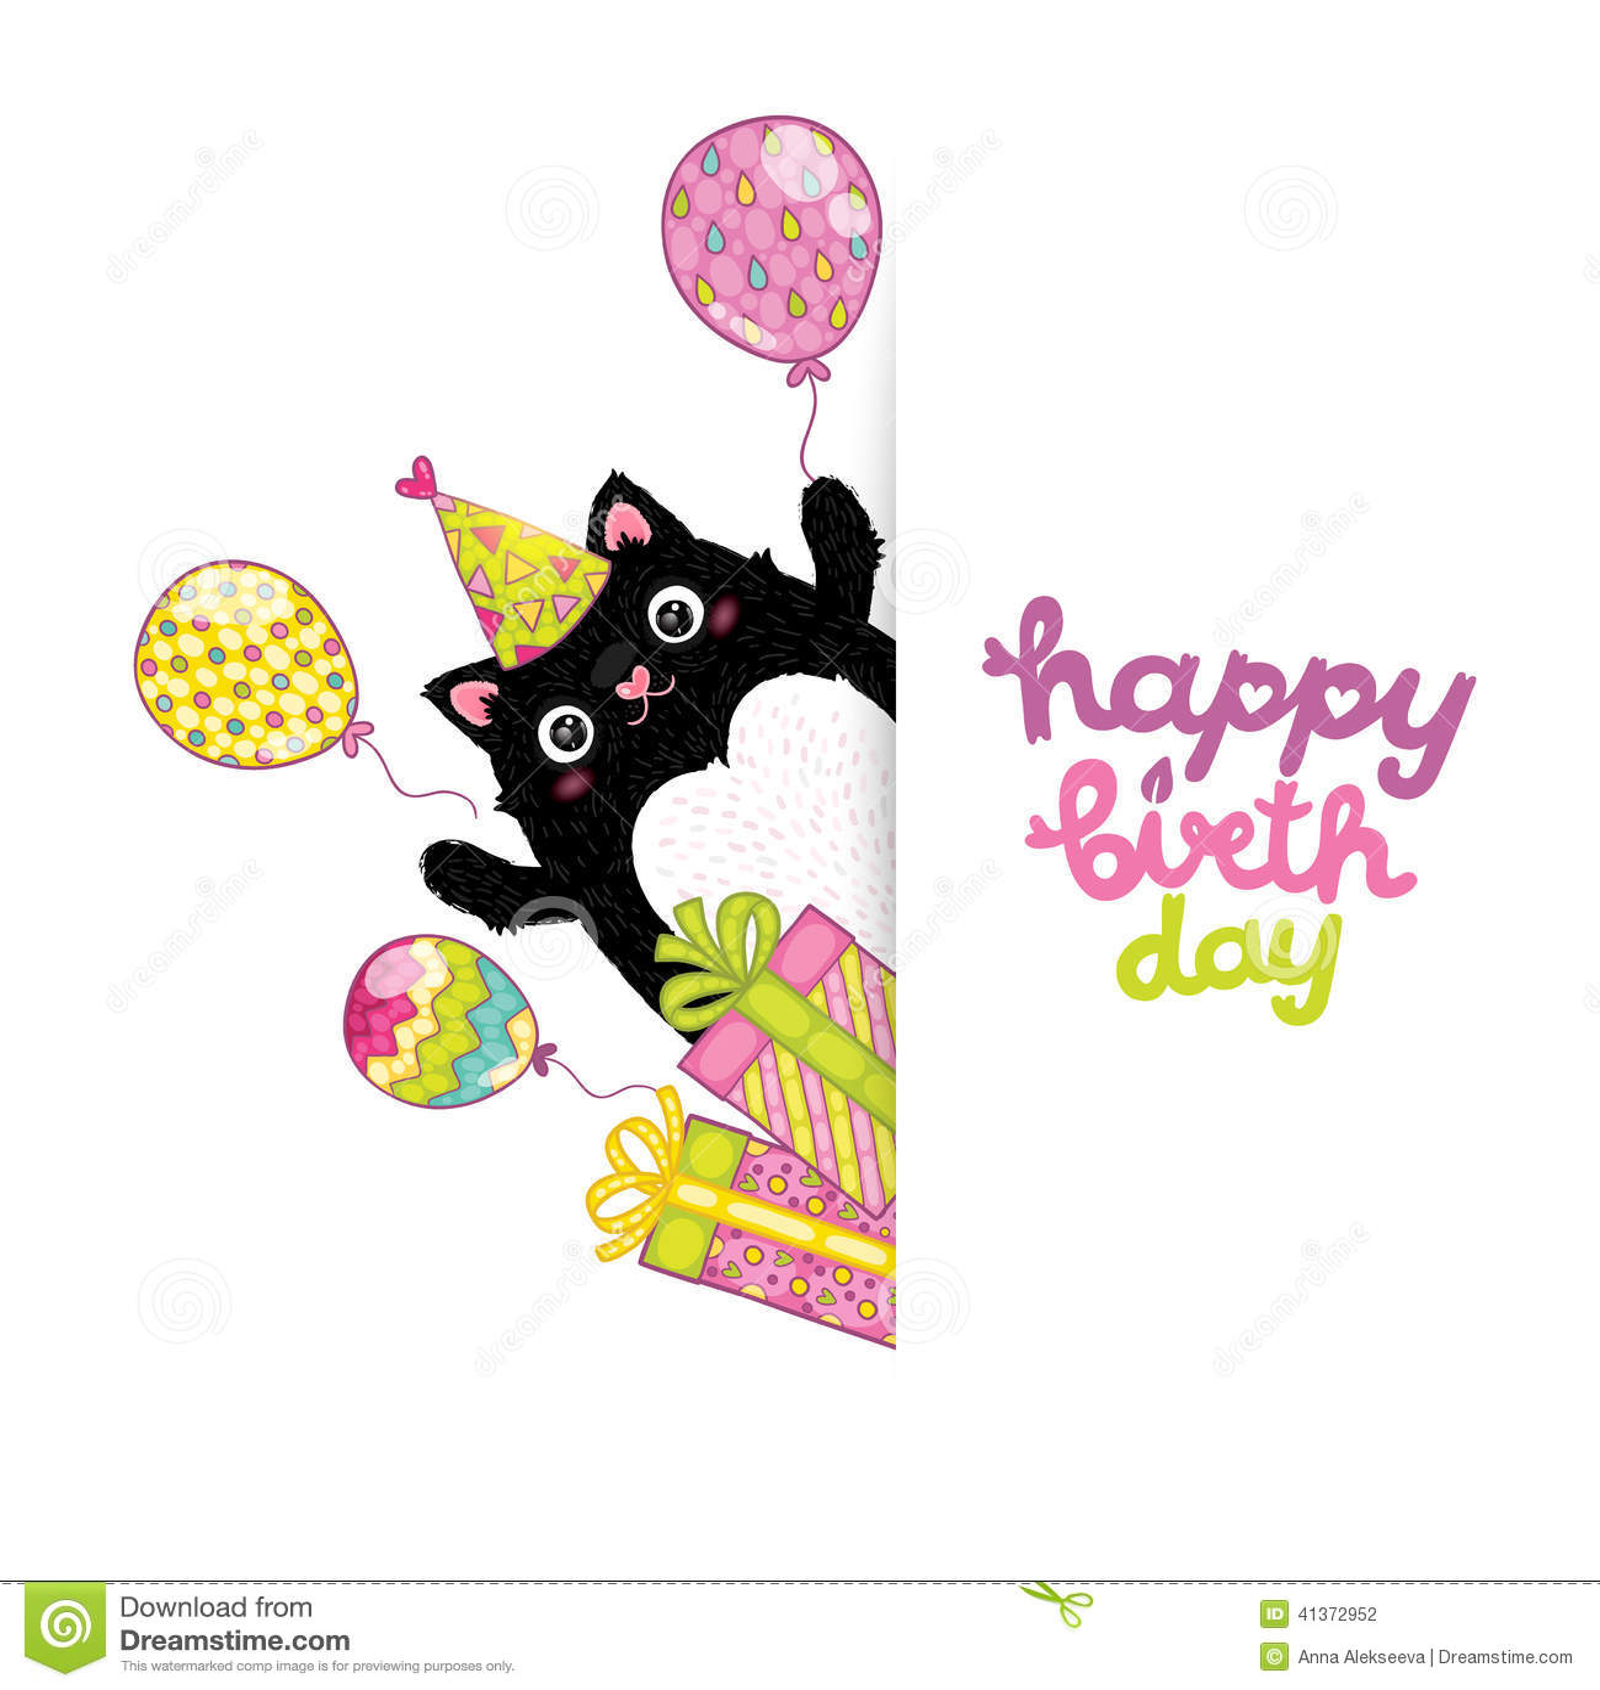 К чему снится открытка с днем рождения